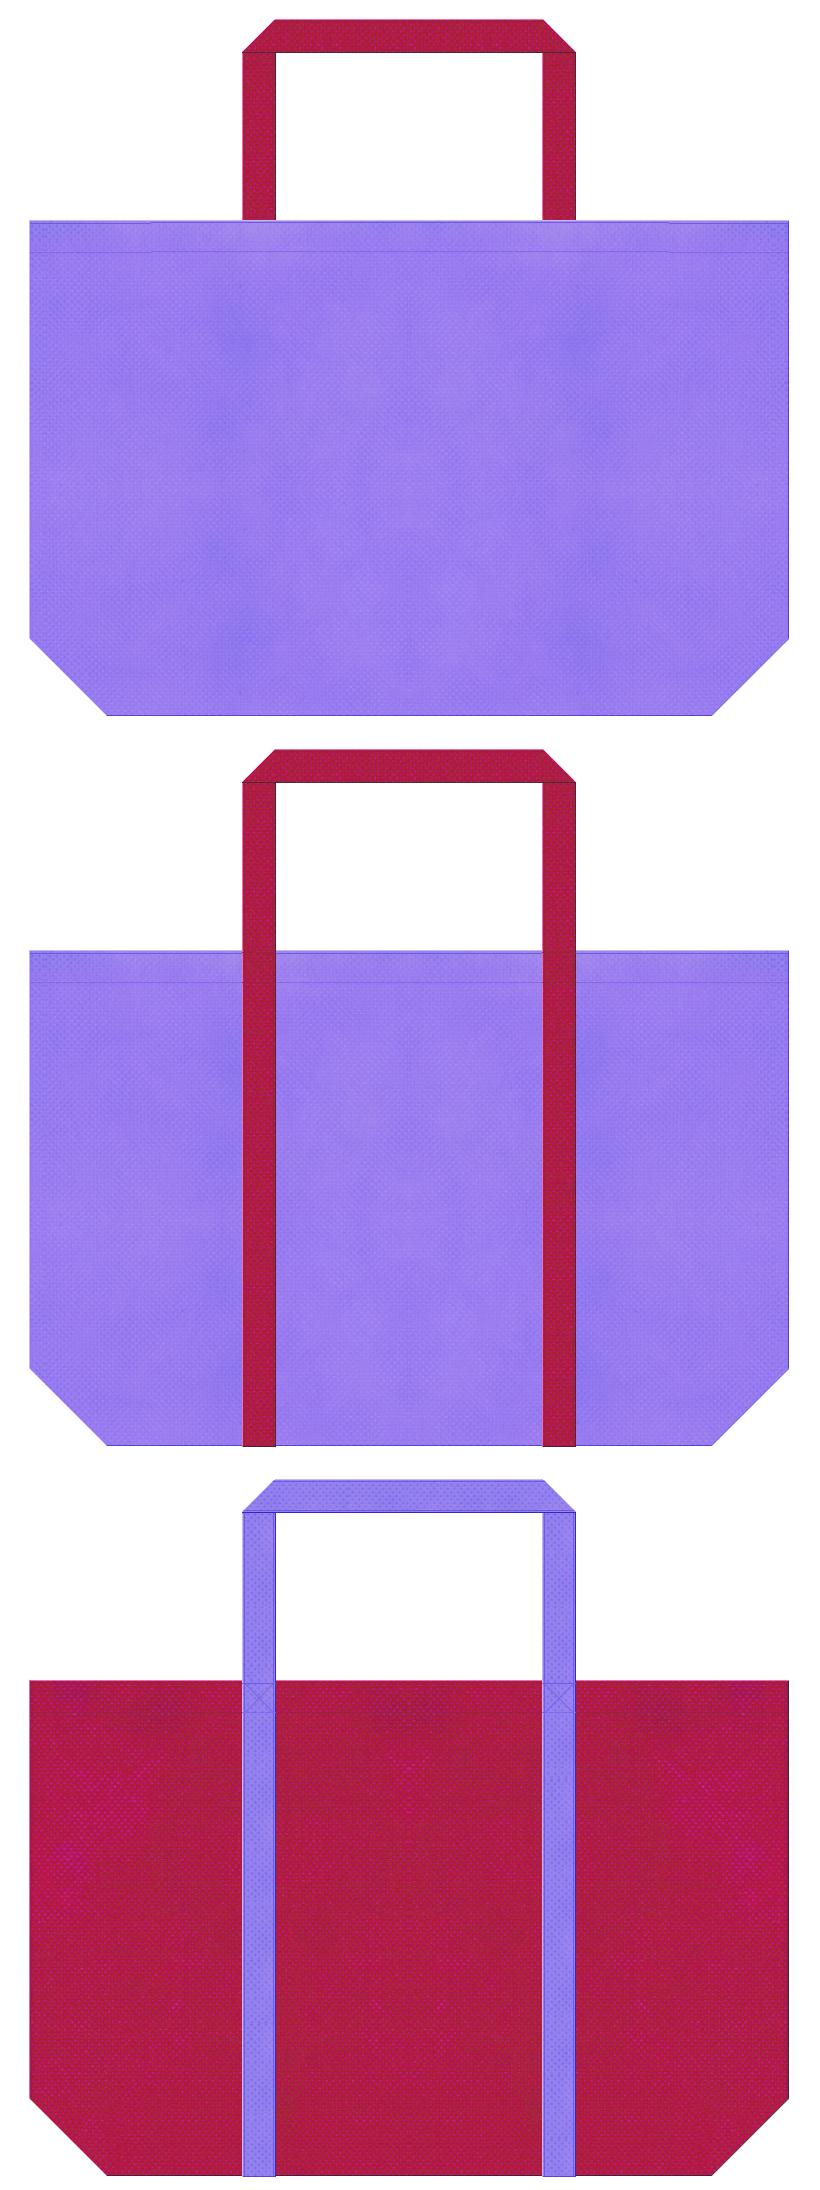 不織布ショッピングバッグ:薄紫色と濃いピンク色のデザイン